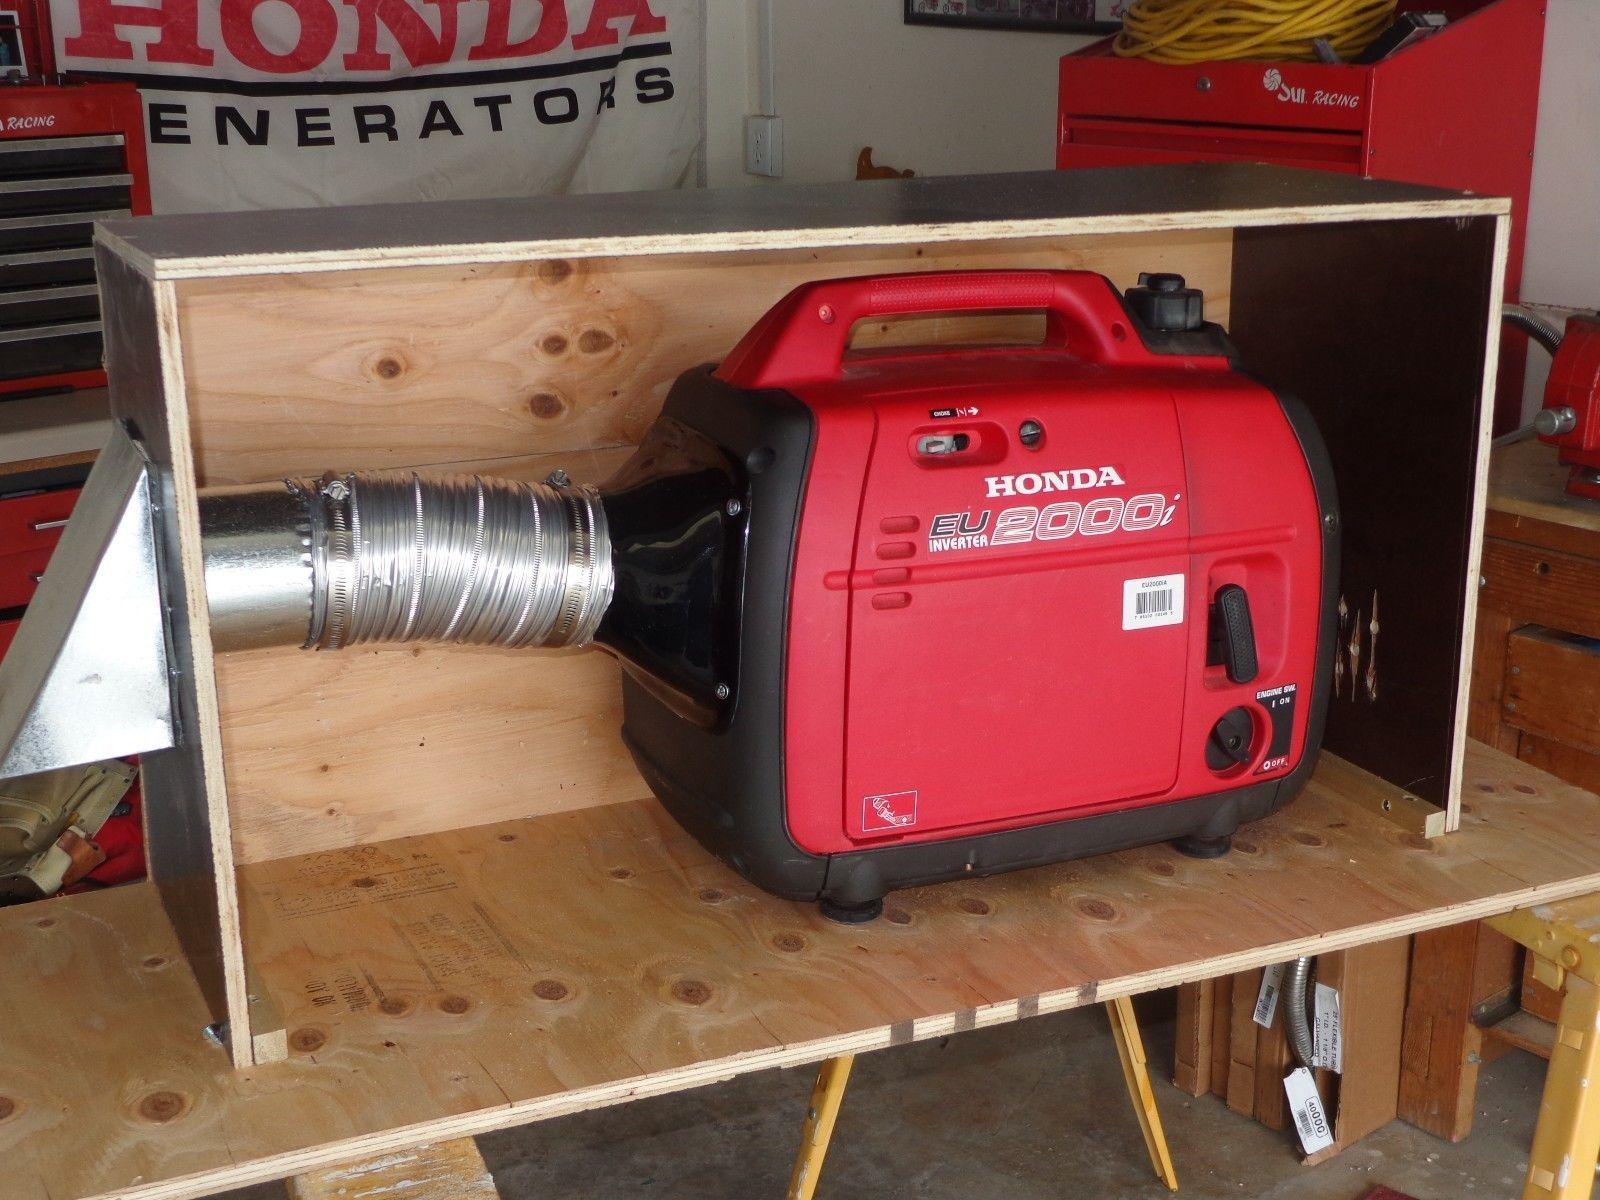 Details about honda generator exhaust eu2000i eu20i